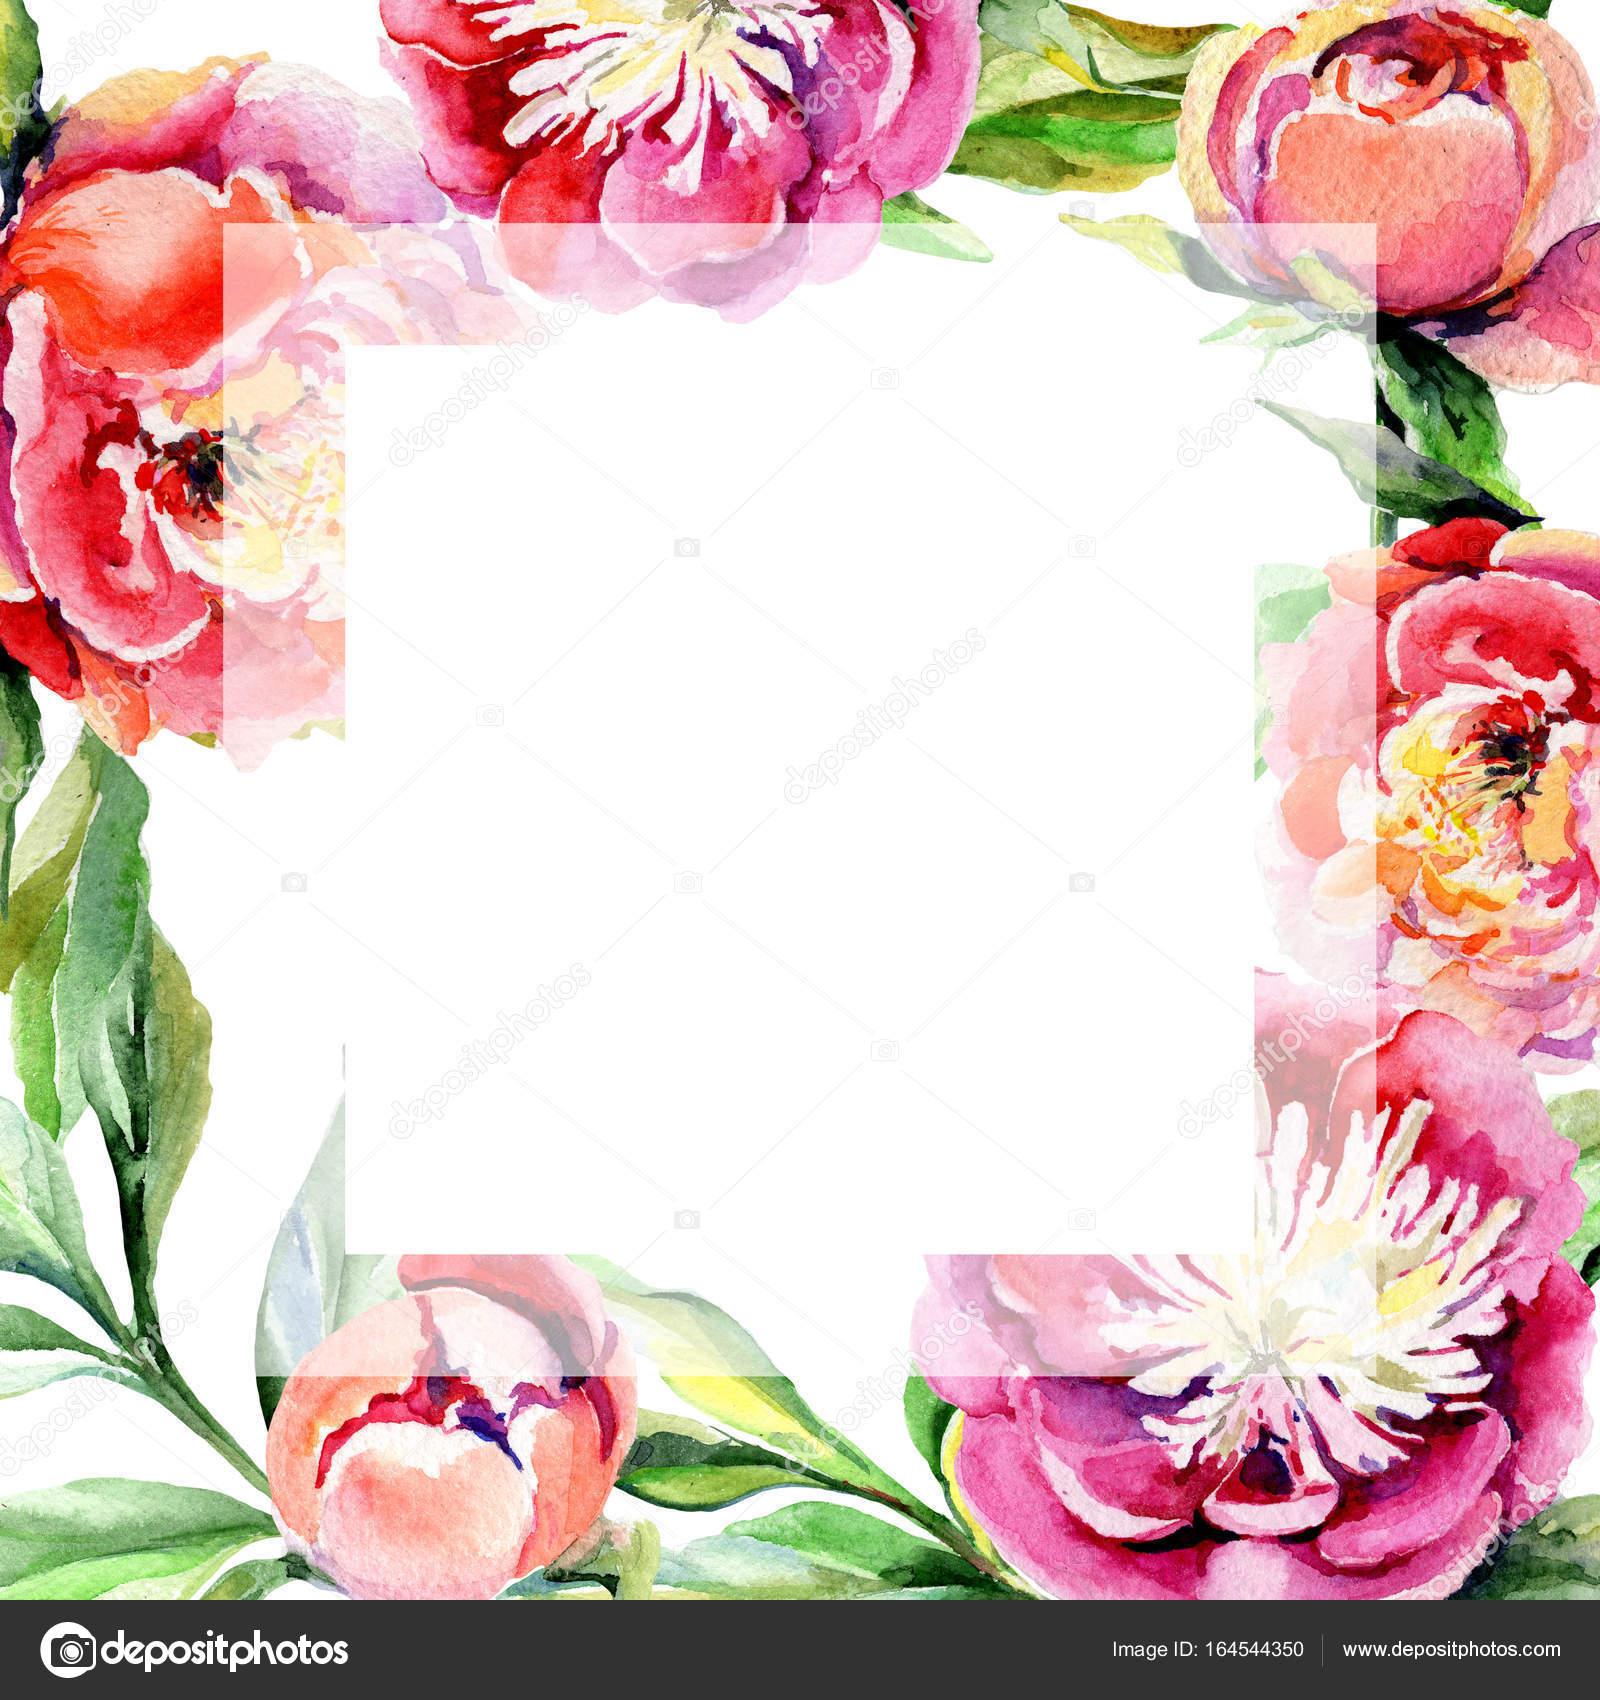 Marco de flor de peonía flores silvestres en un estilo acuarela ...